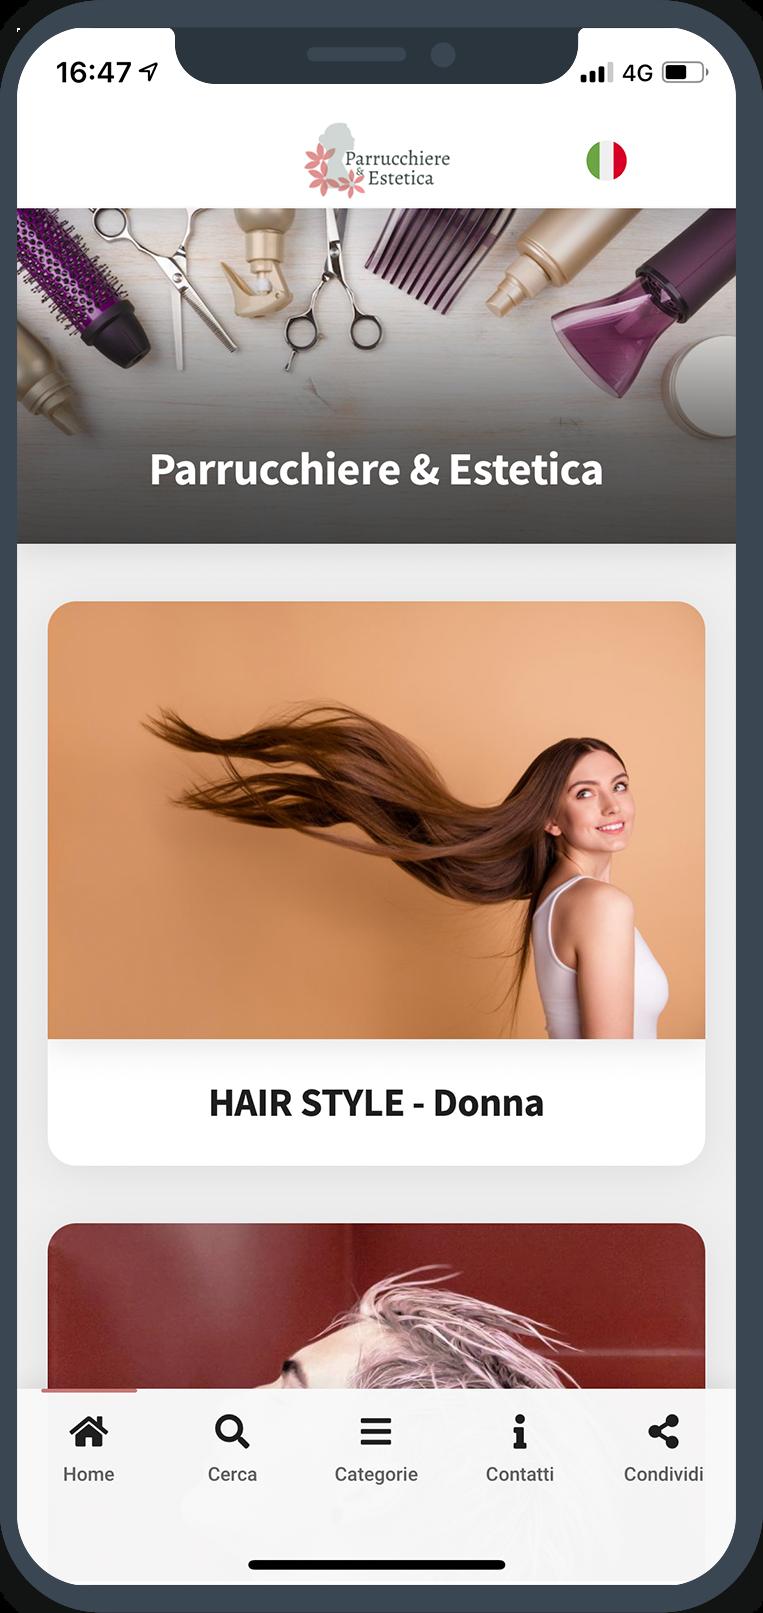 Menu Digitale Parrucchiere Estetica